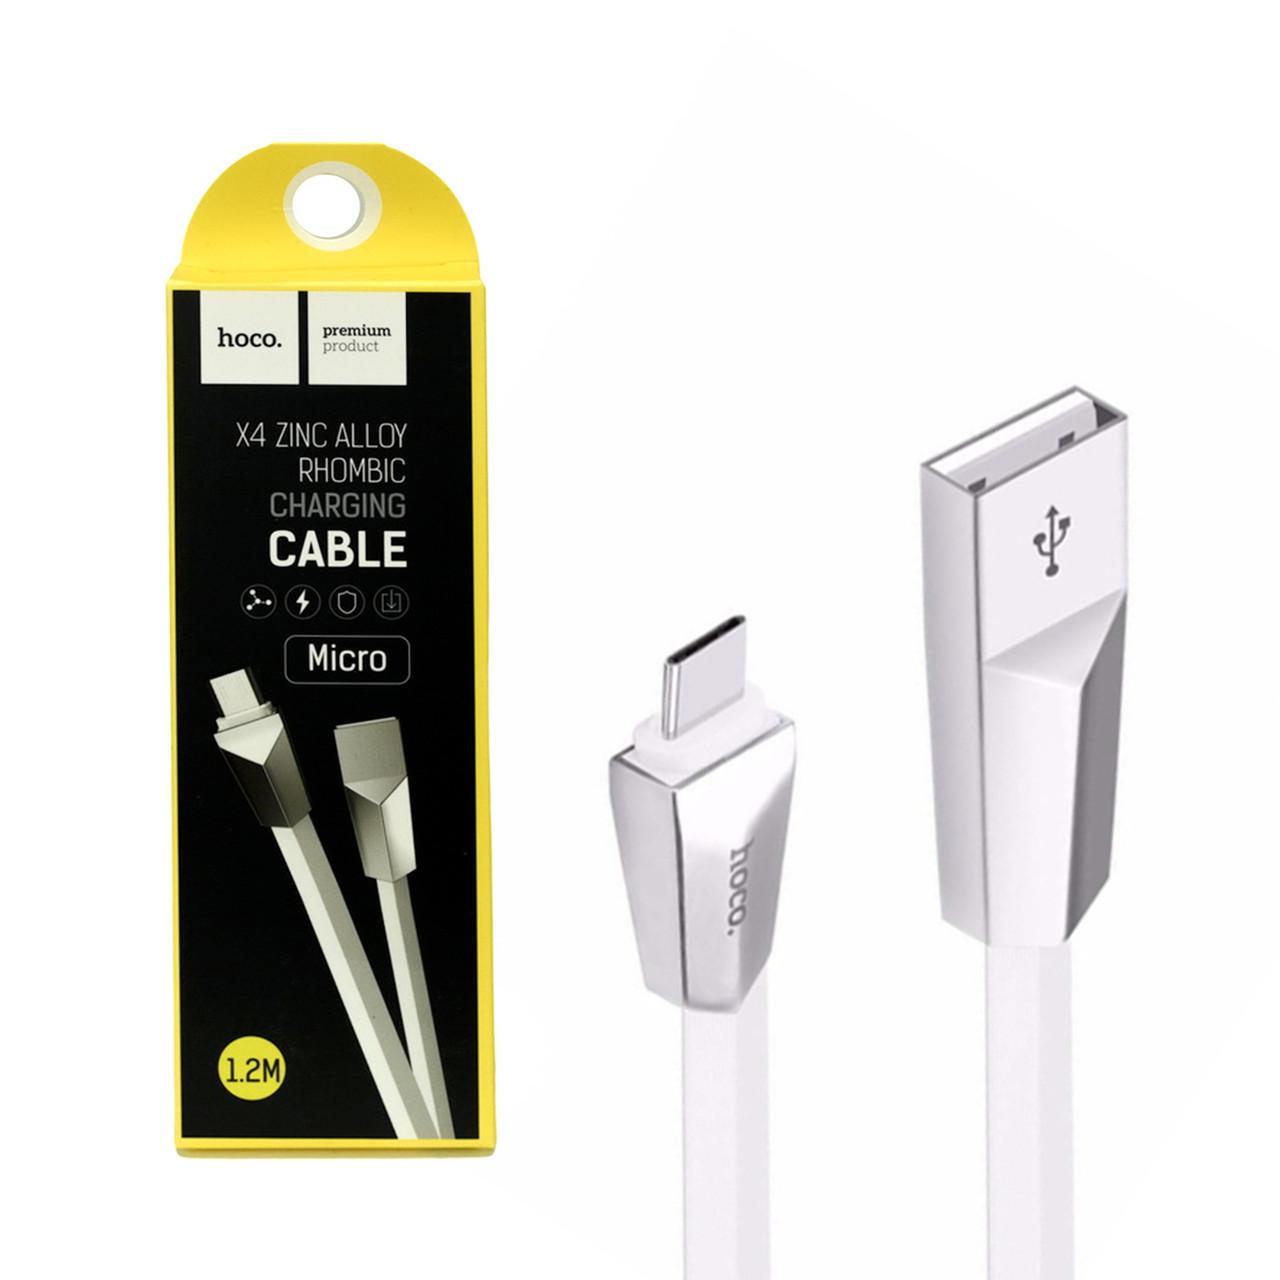 Кабель Micro USB Hoco X4 Zinc Alloy 1.2m White